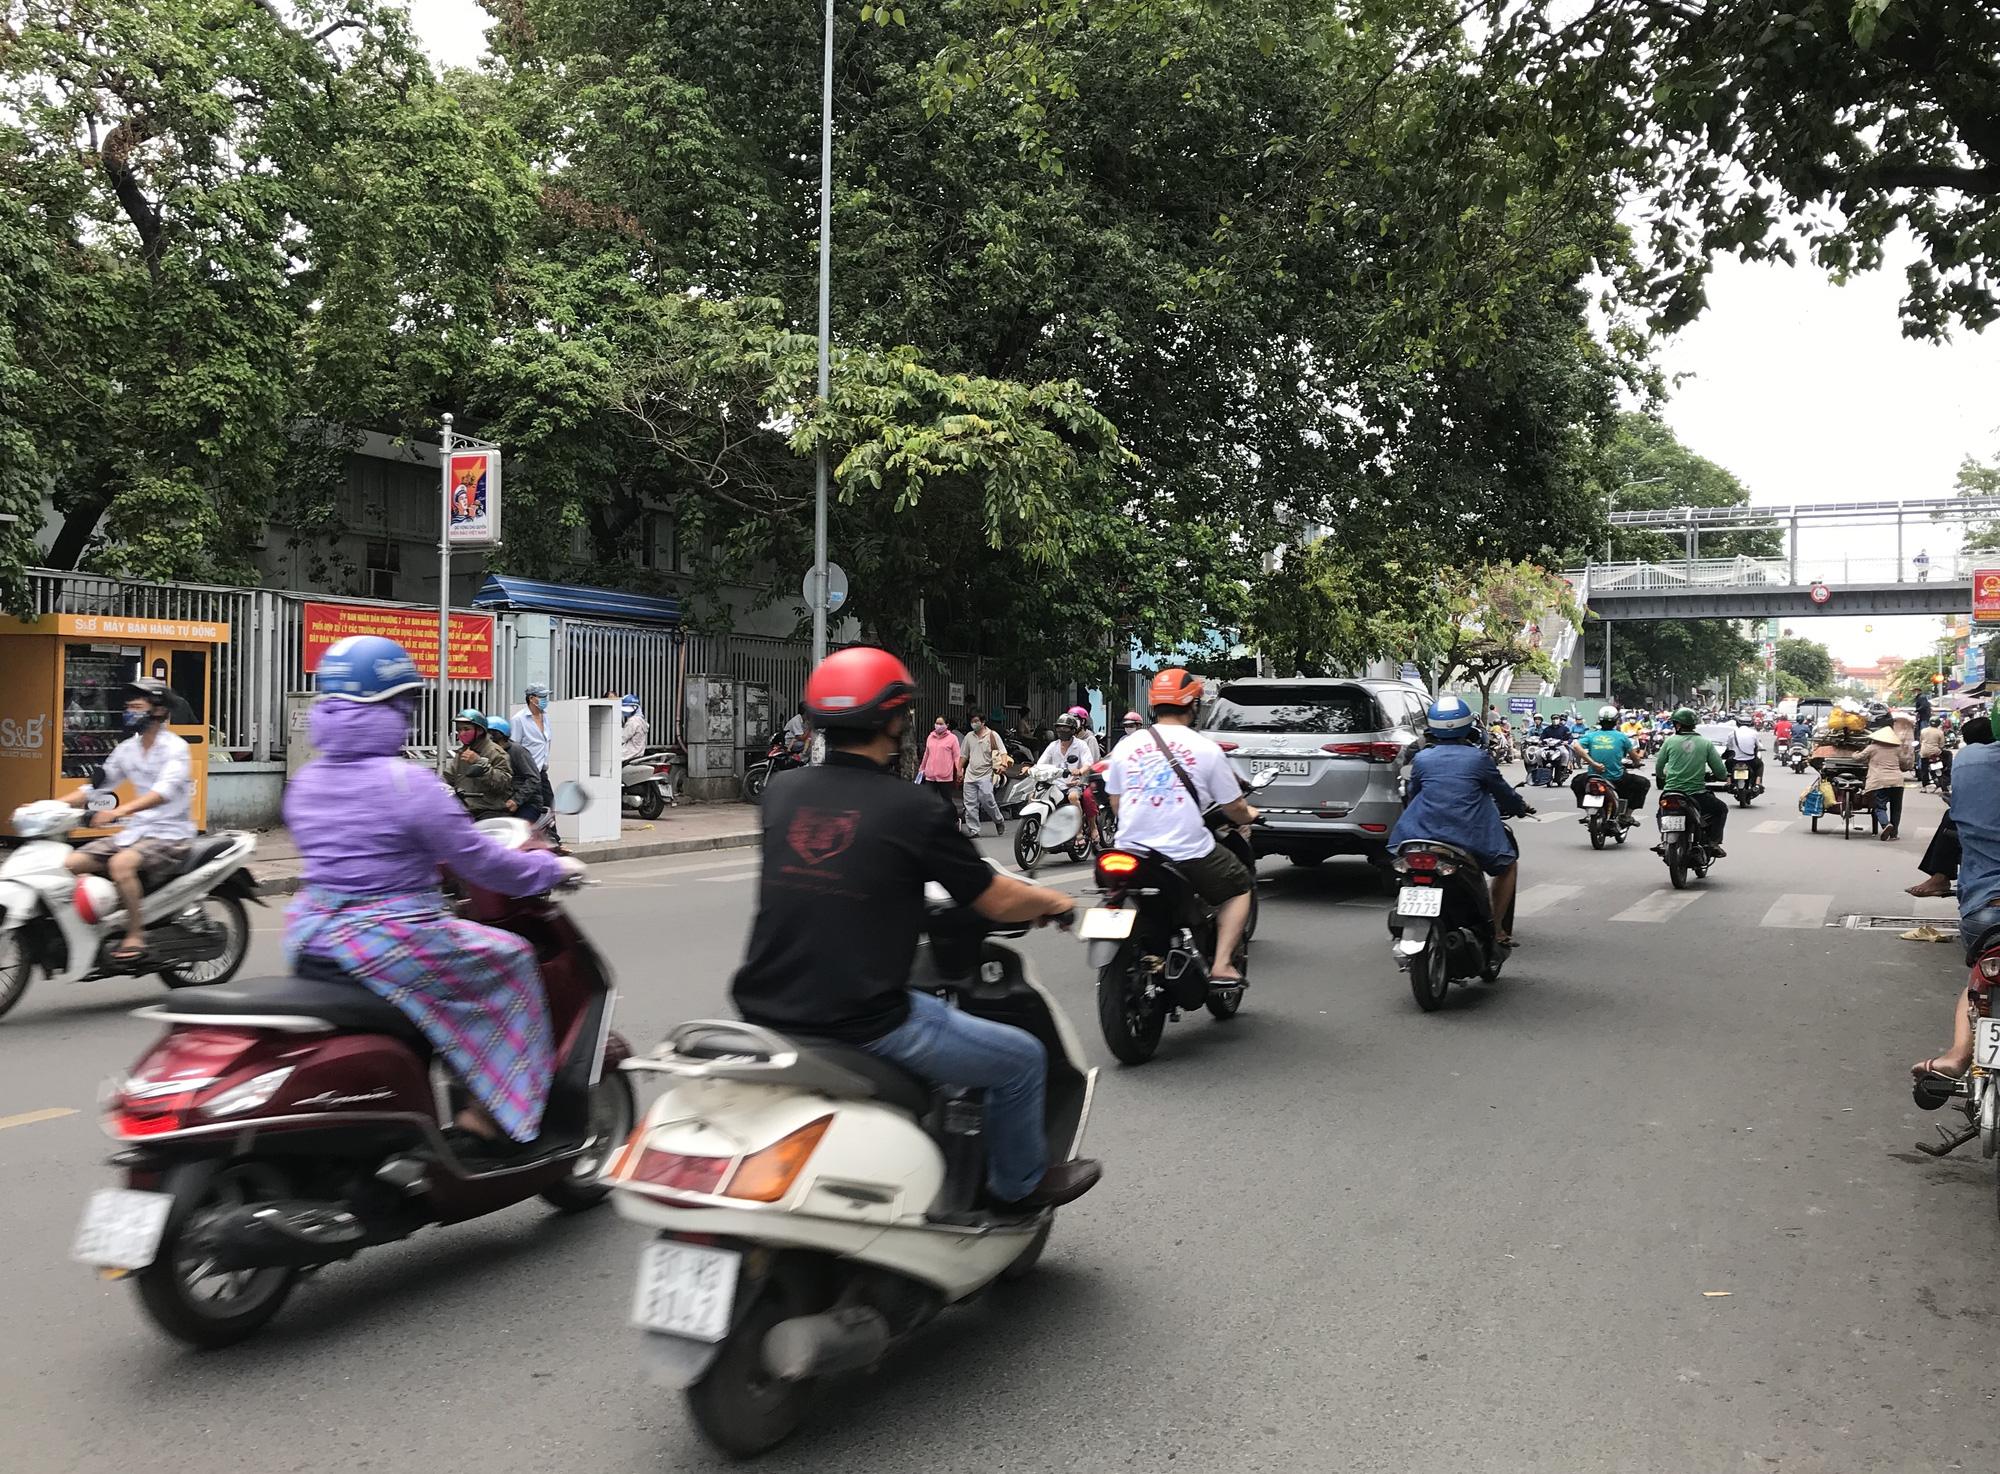 TP HCM kiến nghị Chính phủ mở lại một số dịch vụ thiết yếu, tăng mức phạt người không đeo khẩu trang - Ảnh 2.